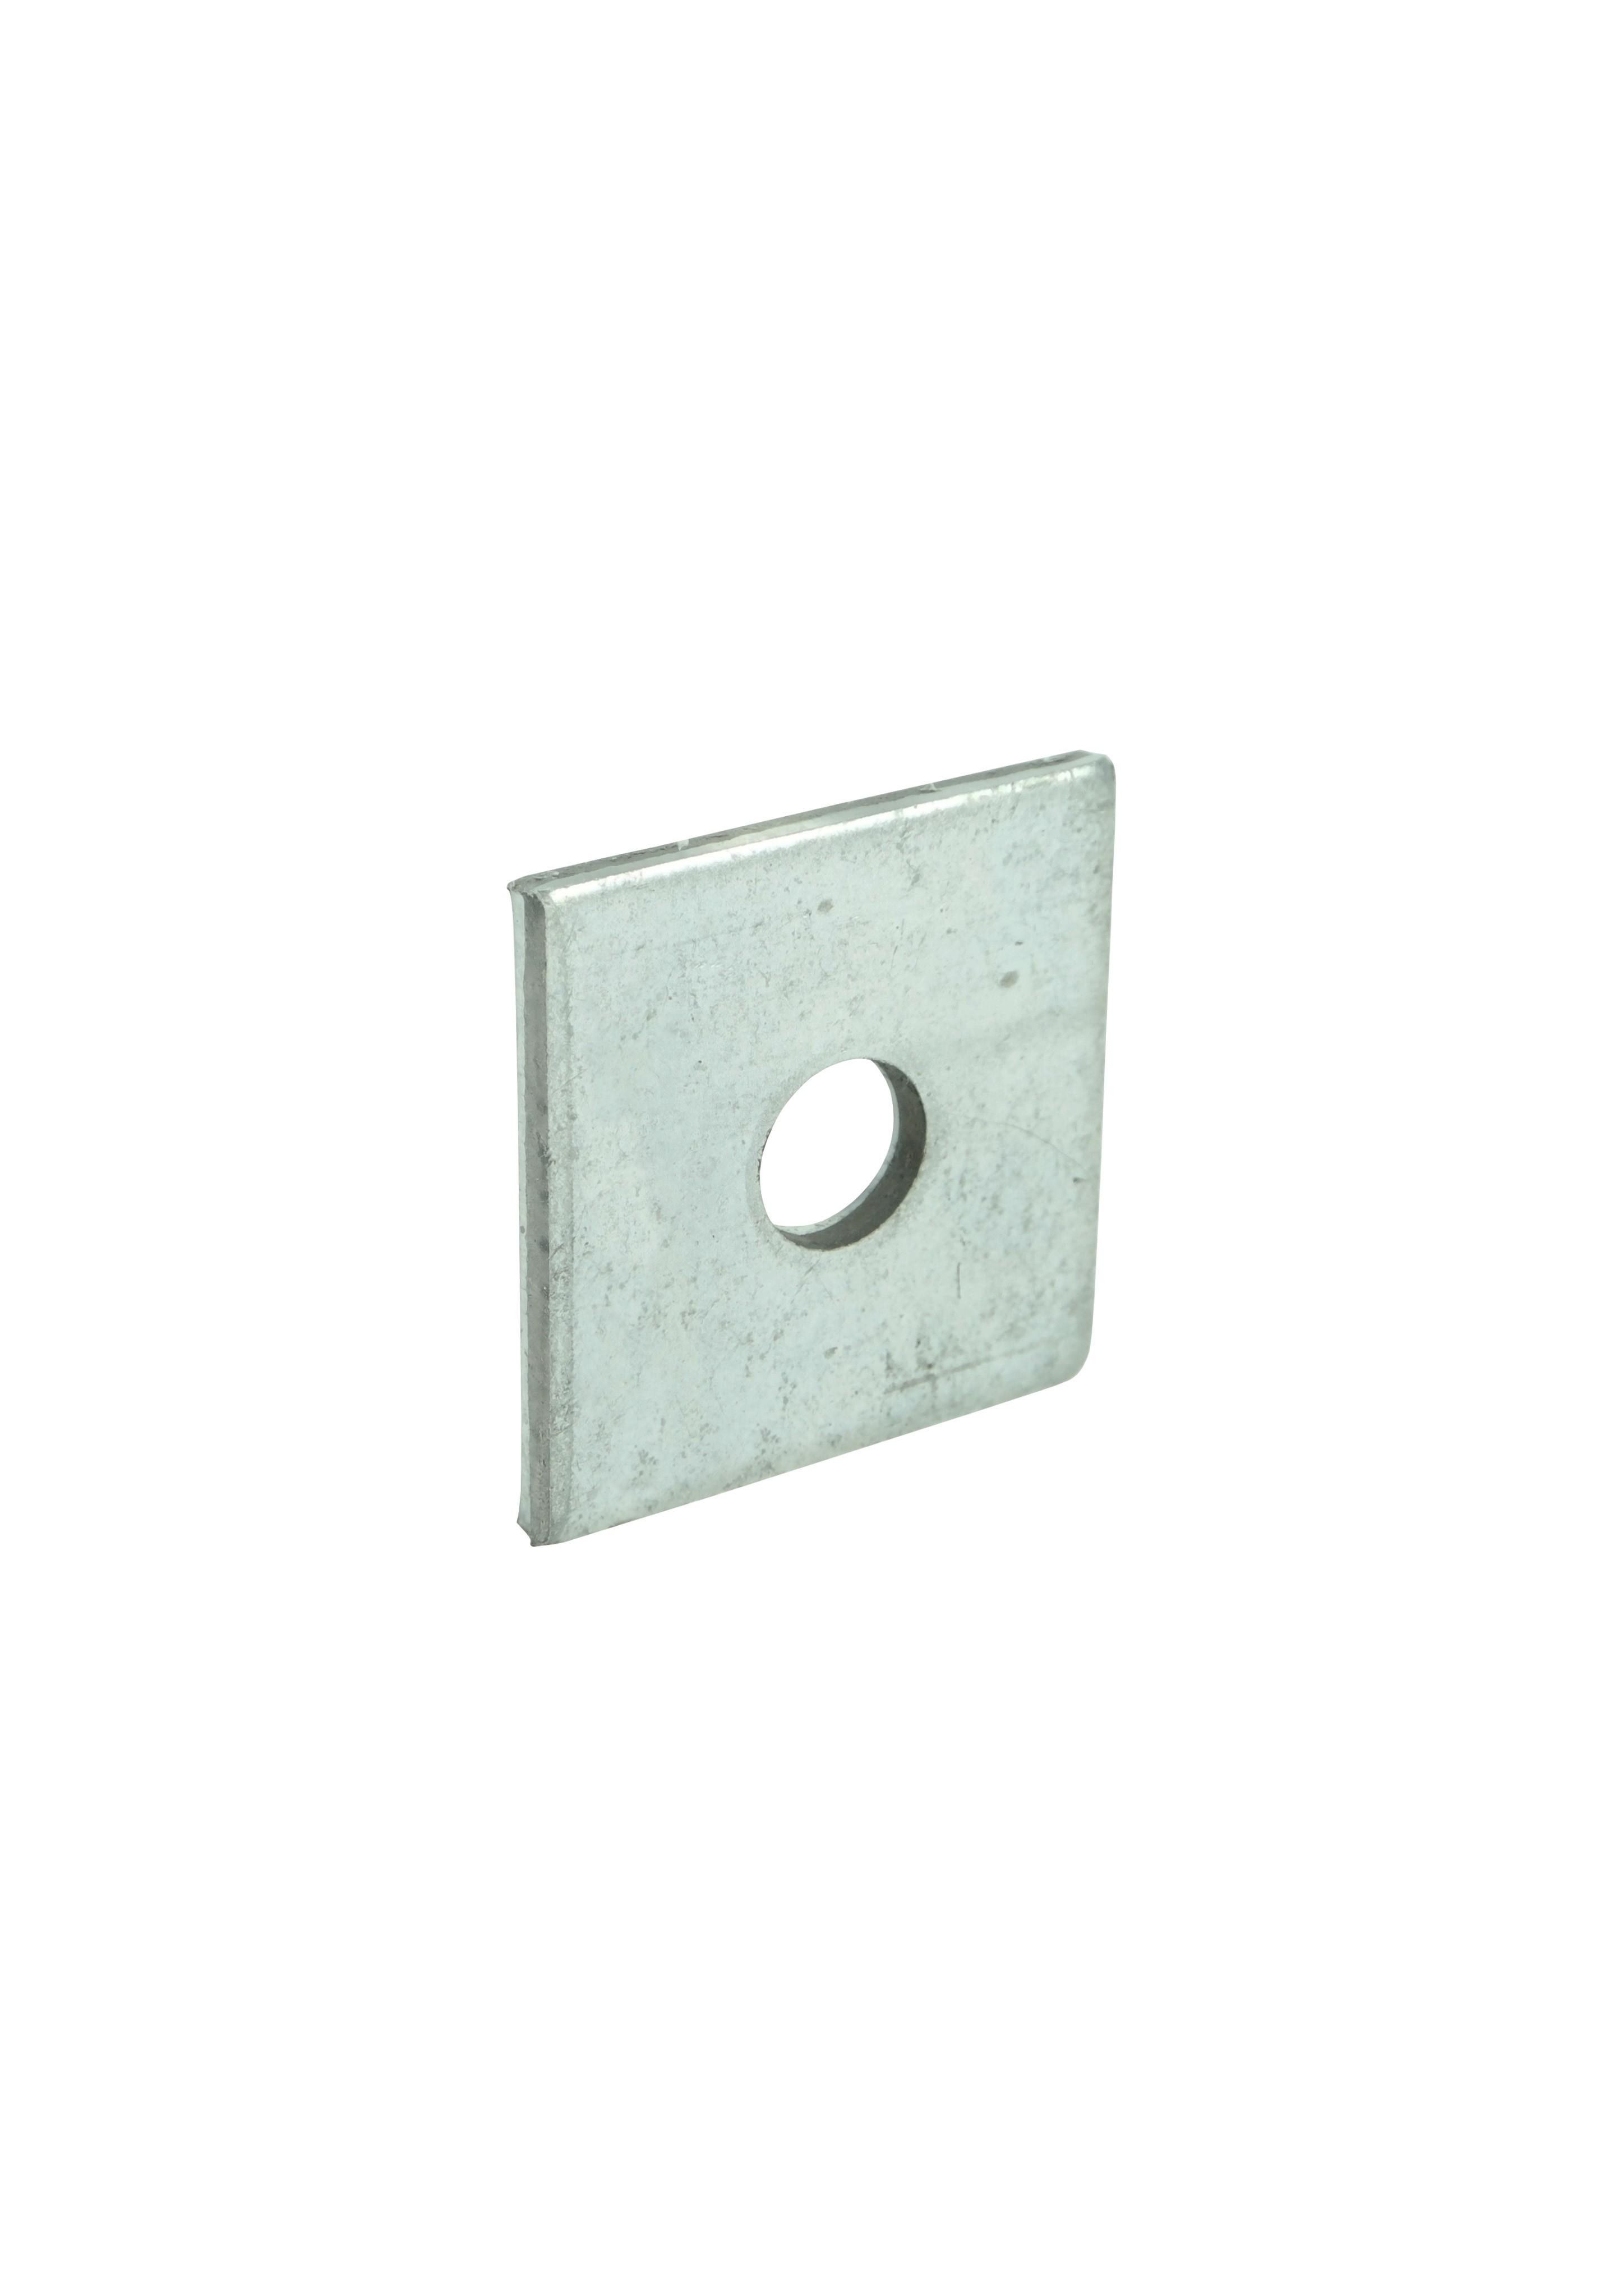 Rondelle carrée M12 60x60 5 SV